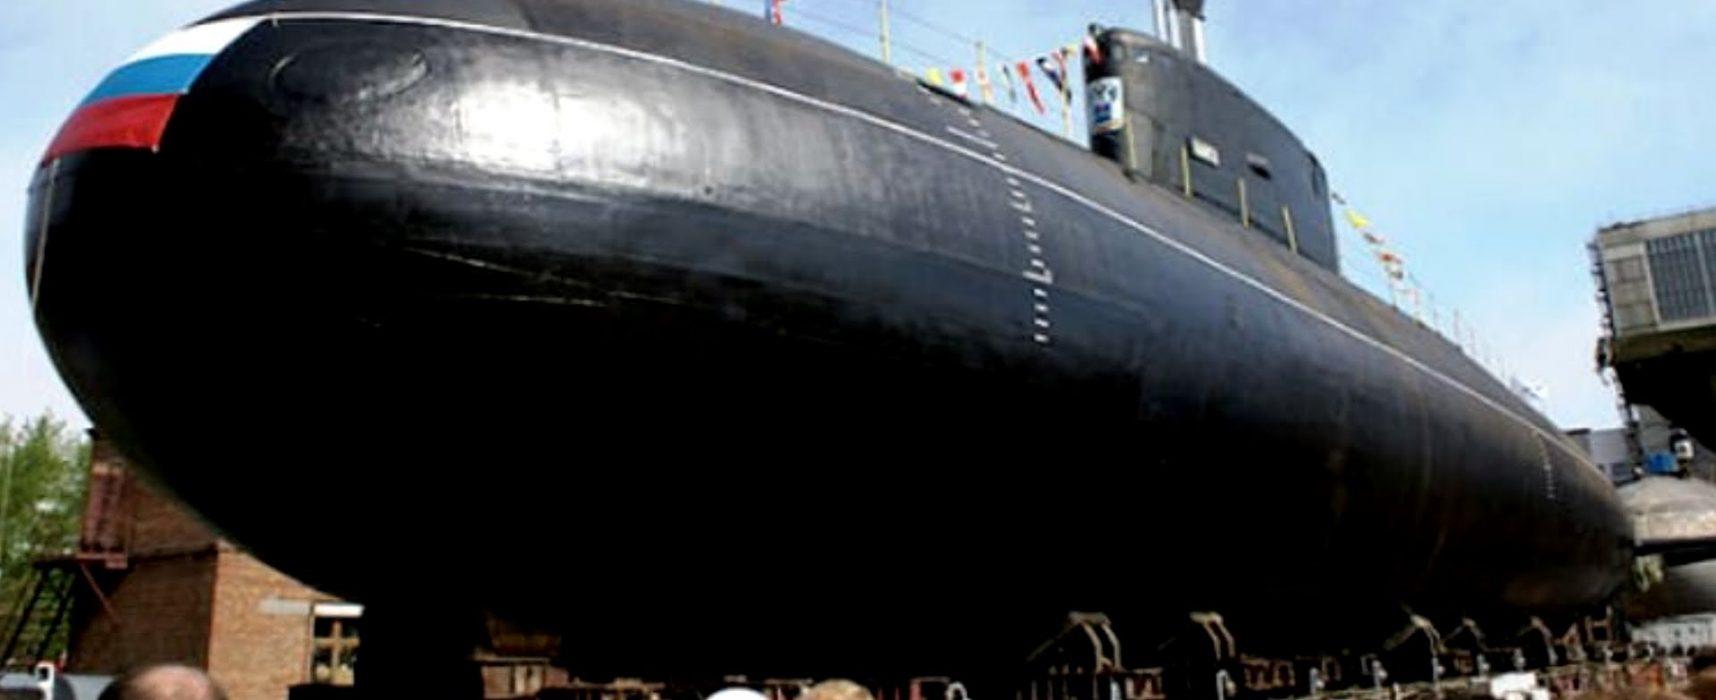 РЕН ТВ изтри новината си за сблъсък между руска и полска подводници